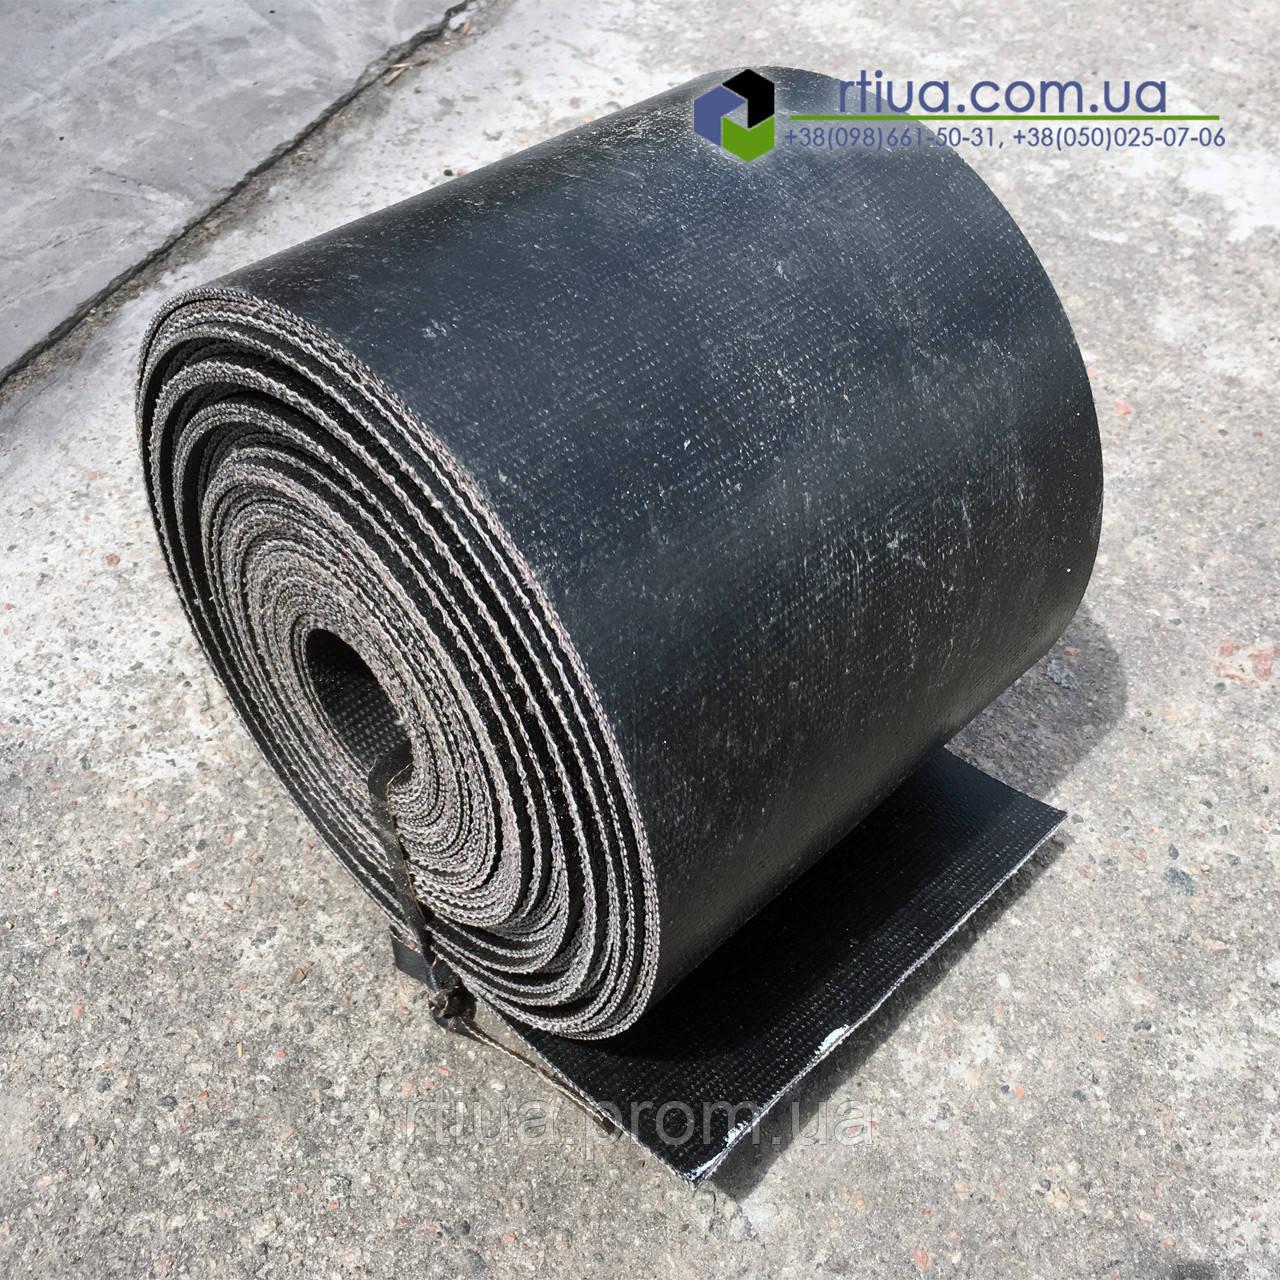 Транспортерная лента БКНЛ, 1000х4 - 2/0 (6 мм)